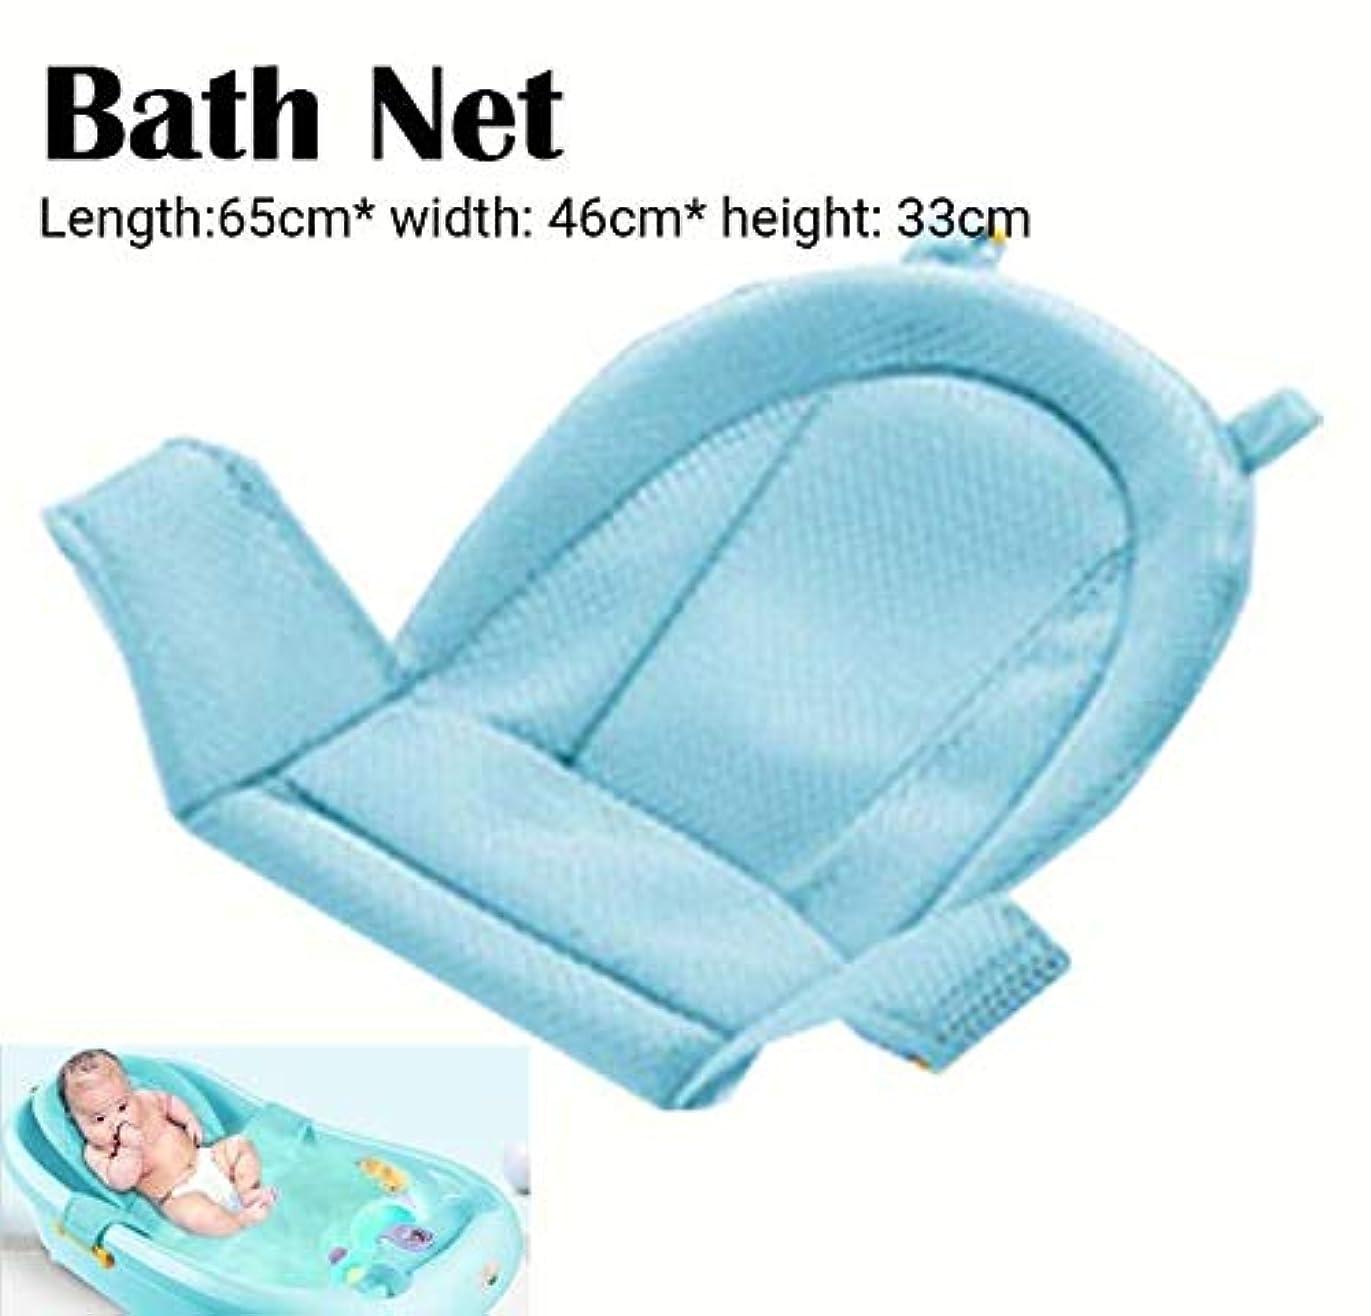 対話不安旅客SMART 漫画ポータブル赤ちゃんノンスリップバスタブシャワー浴槽マット新生児安全セキュリティバスエアクッション折りたたみソフト枕シート クッション 椅子